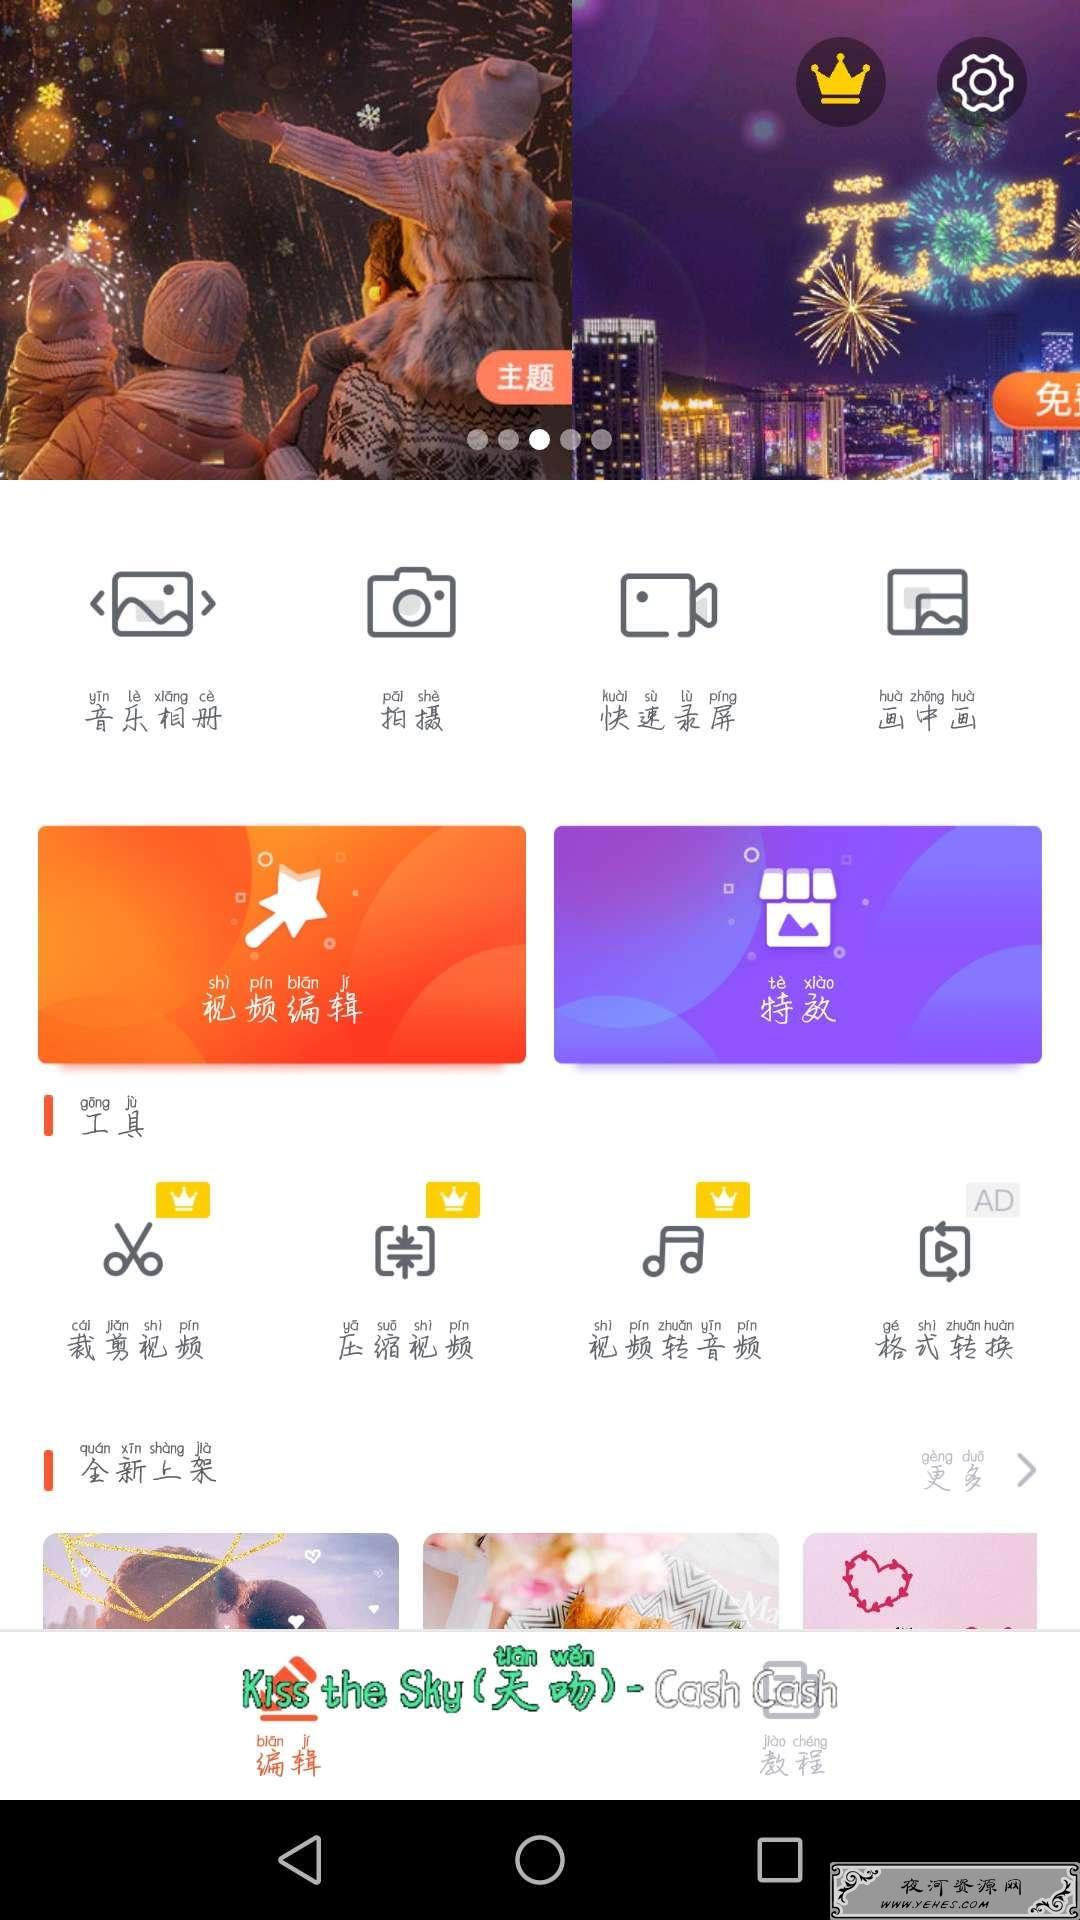 最新乐秀视频剪辑编辑器_破解VIP